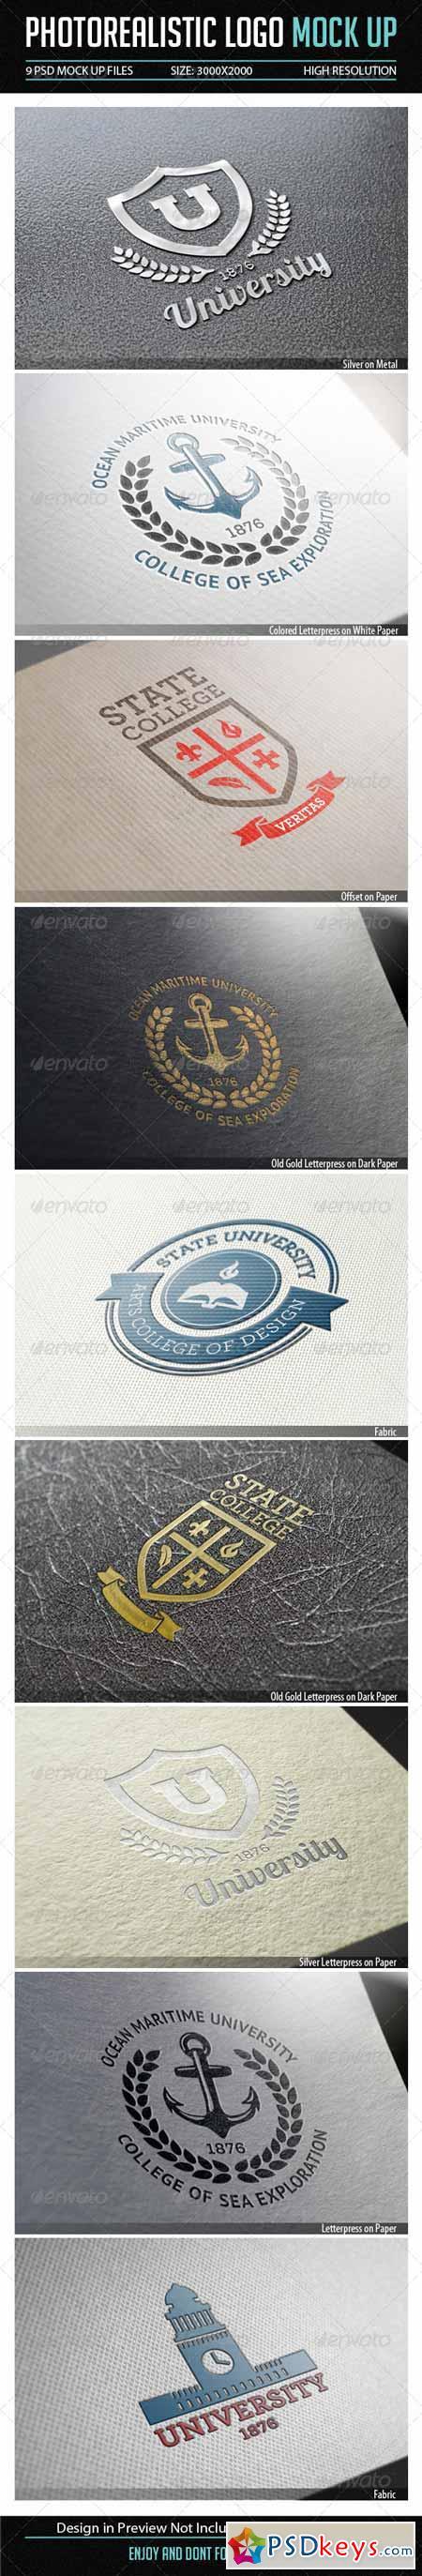 Photorealistic Logo Mock Up 7864572